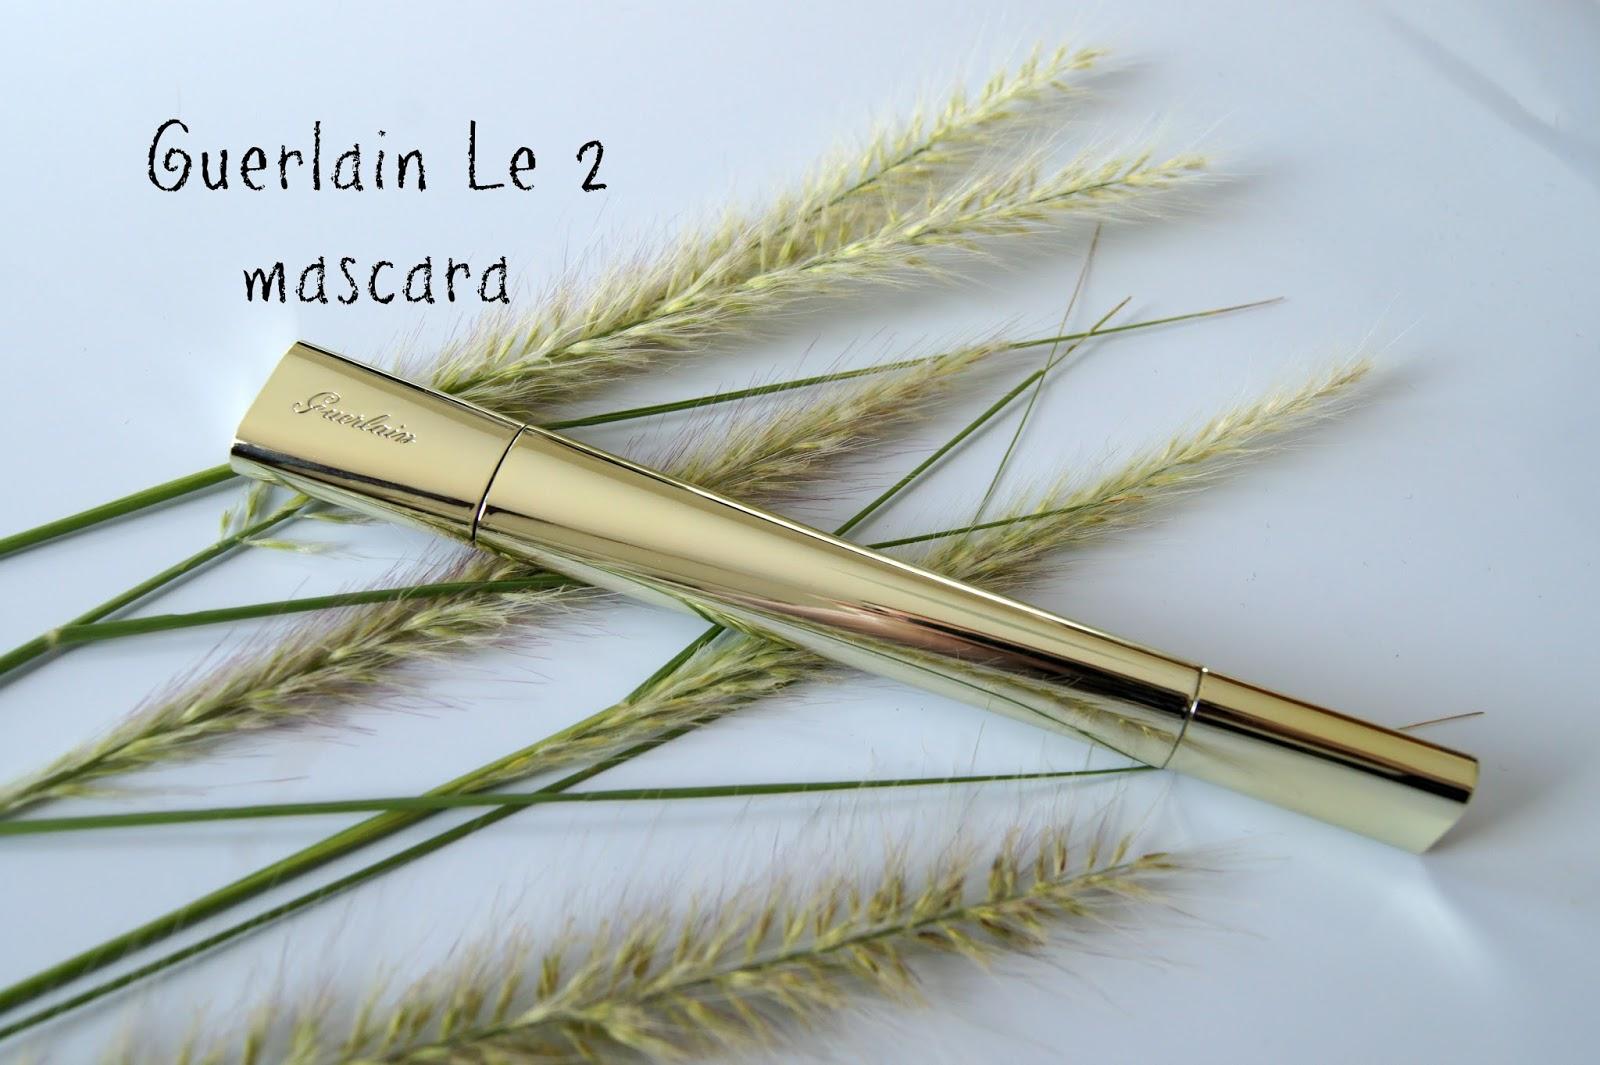 Guerlain Le 2 mascara